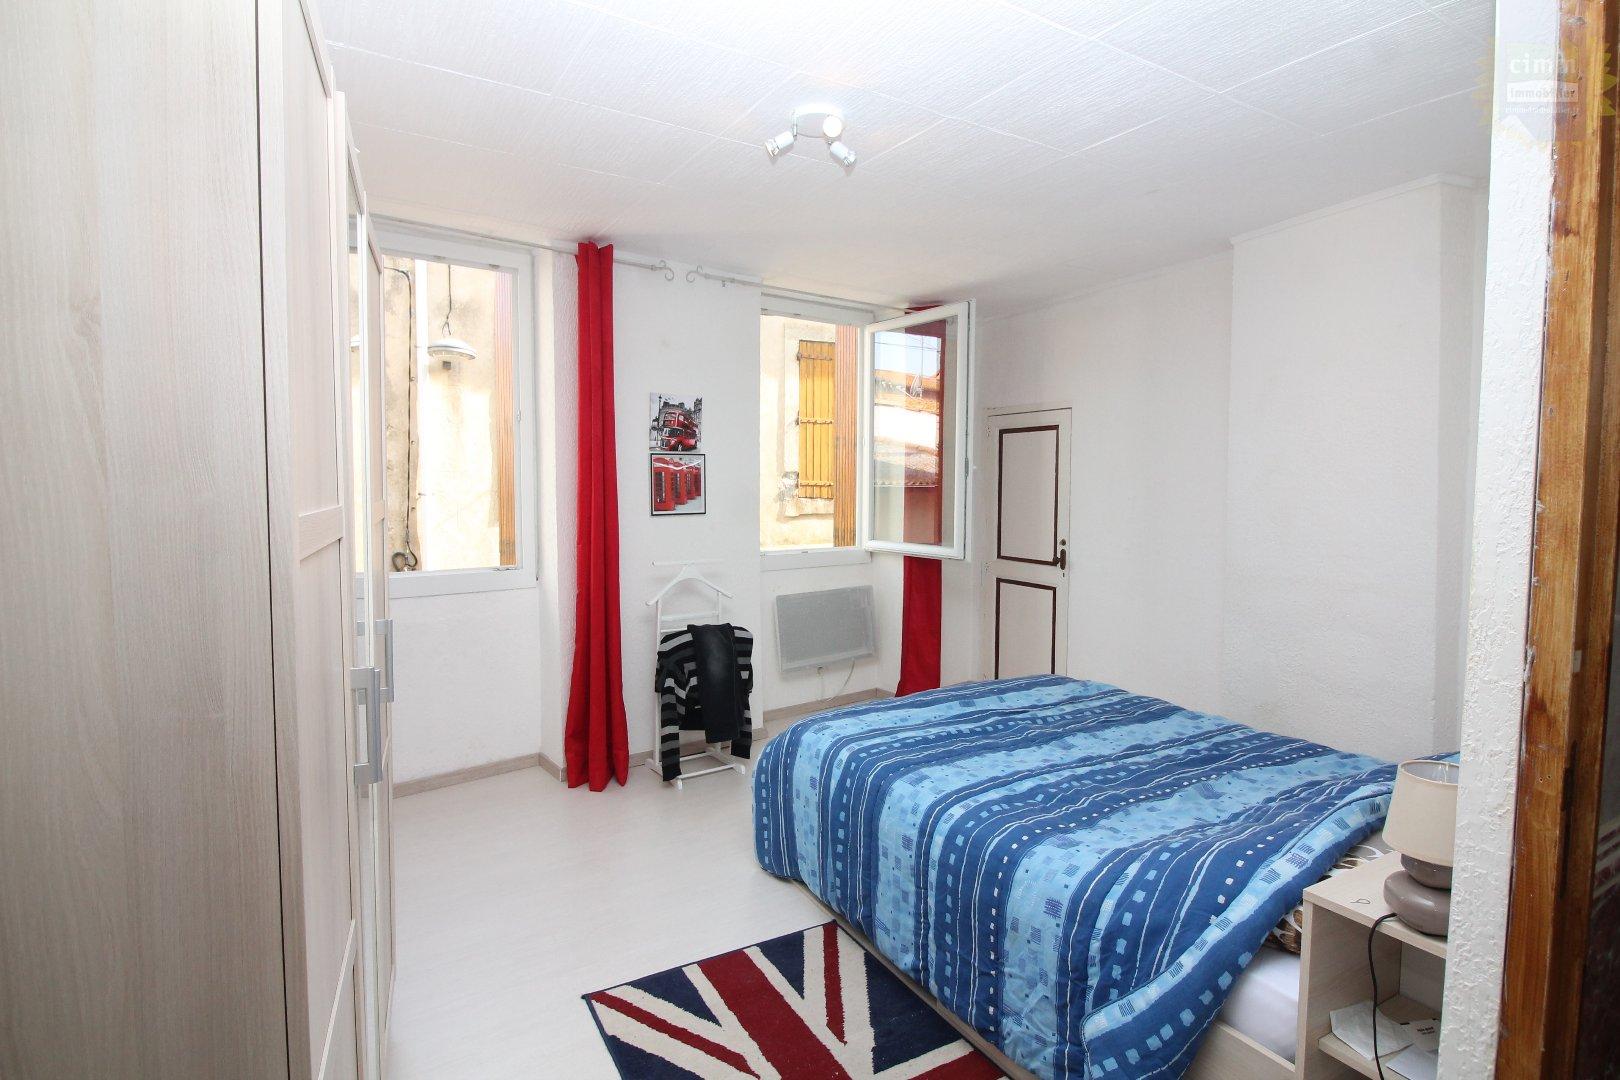 IMMOPLAGE VALRAS-PLAGE, agence immobilière, vente, location et location vacances appartement et maison entre Agde/Sete et Narbonne, proche Béziers - Maison de village - SERIGNAN - Vente - 62m²